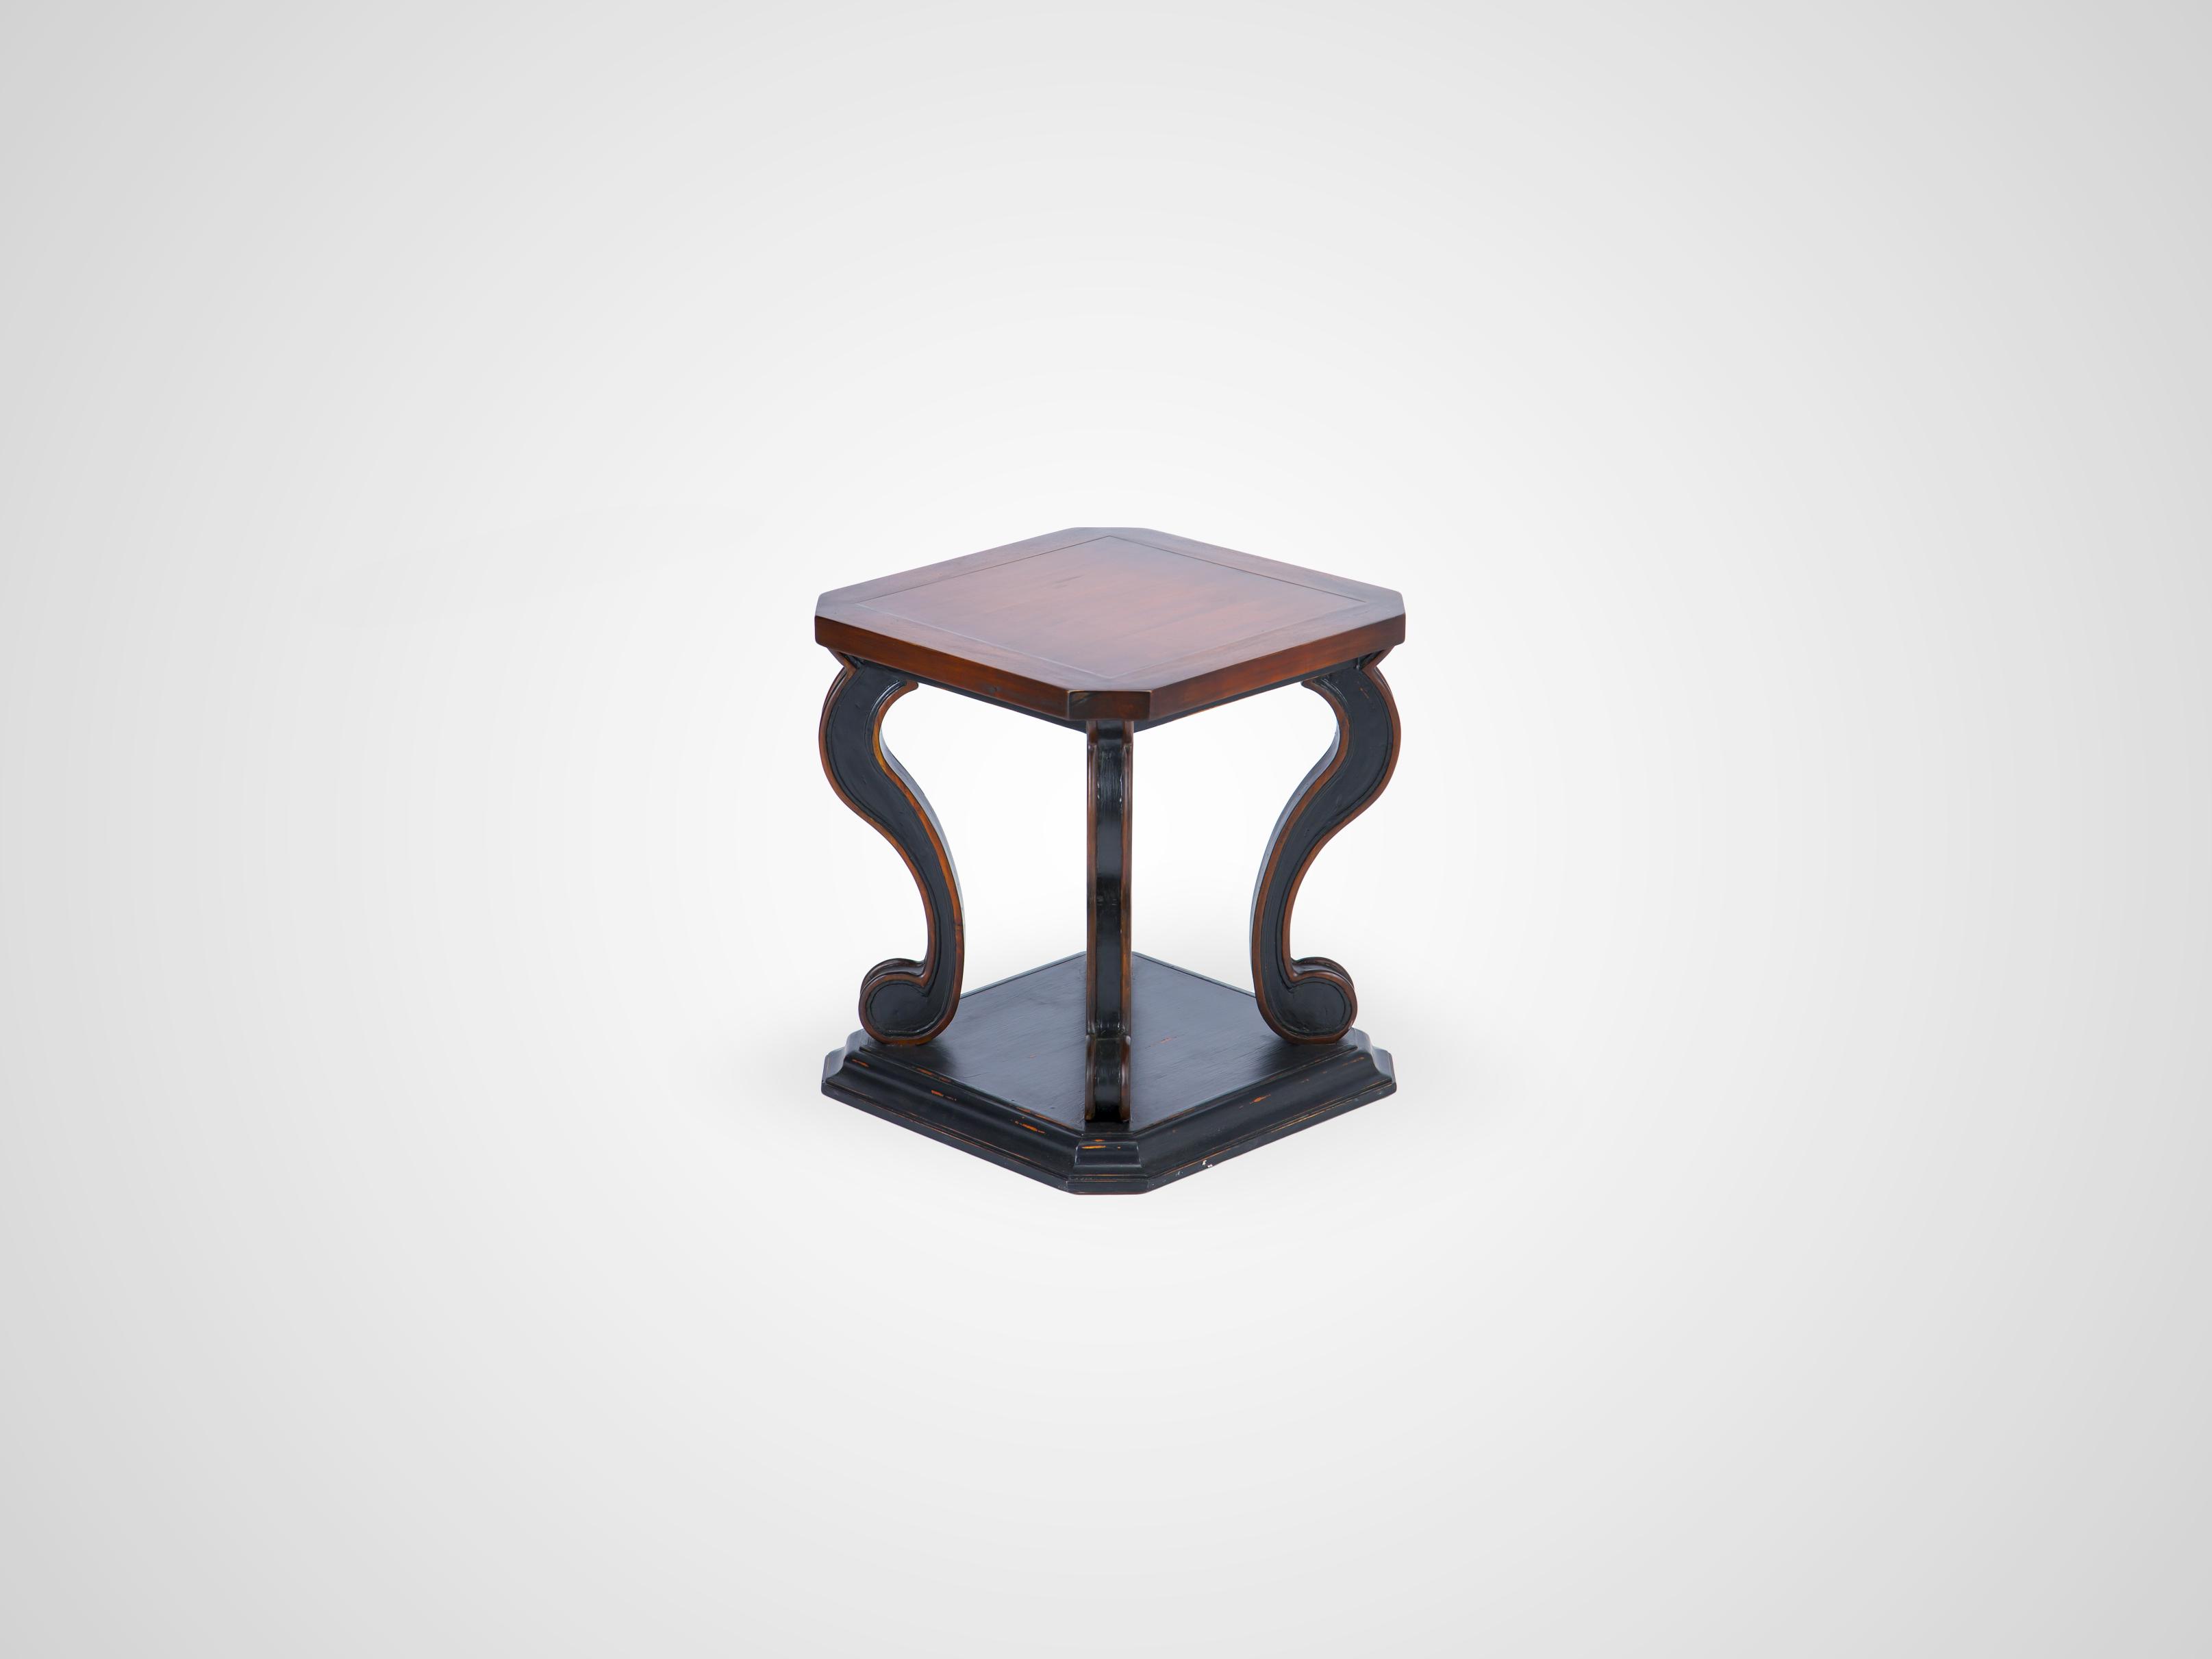 Купить Ламповый столик из дерева махагони, декорирован старением 66x61x61 см, inmyroom, Индонезия